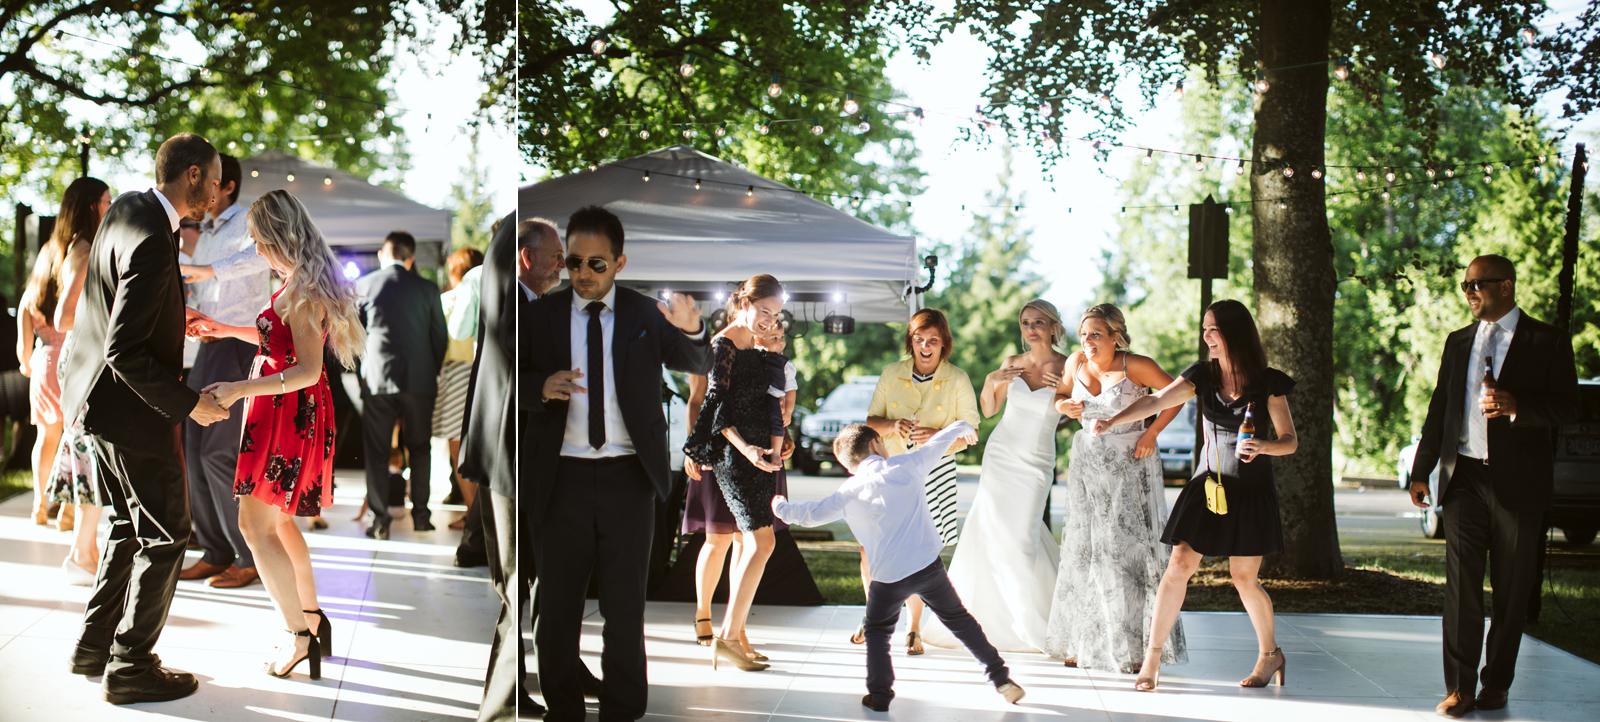 151-daronjackson-gabby-alec-wedding.jpg